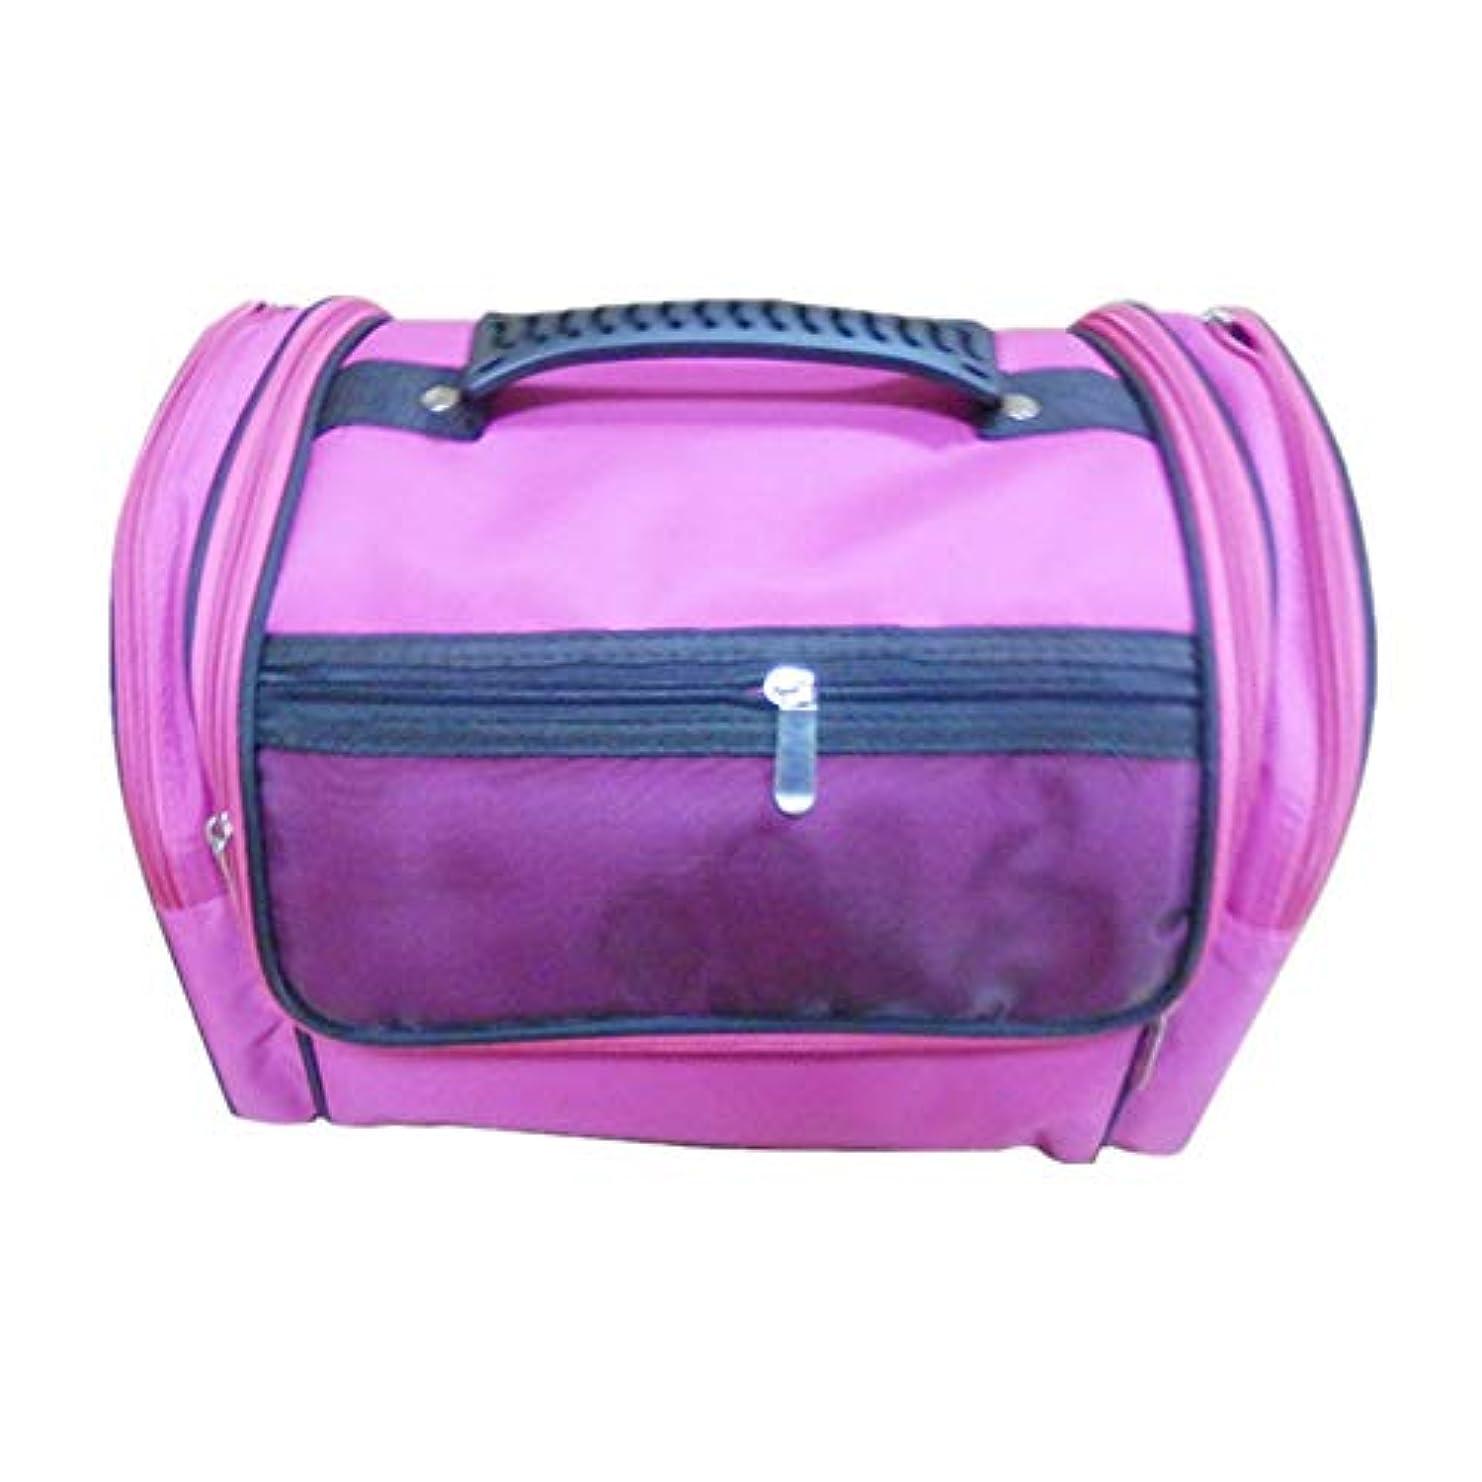 しばしばルネッサンス小競り合い化粧オーガナイザーバッグ 高容量カジュアルポータ??ブルキャンバス化粧品バッグ旅行のための美容メイクアップとジッパーで毎日のストレージ 化粧品ケース